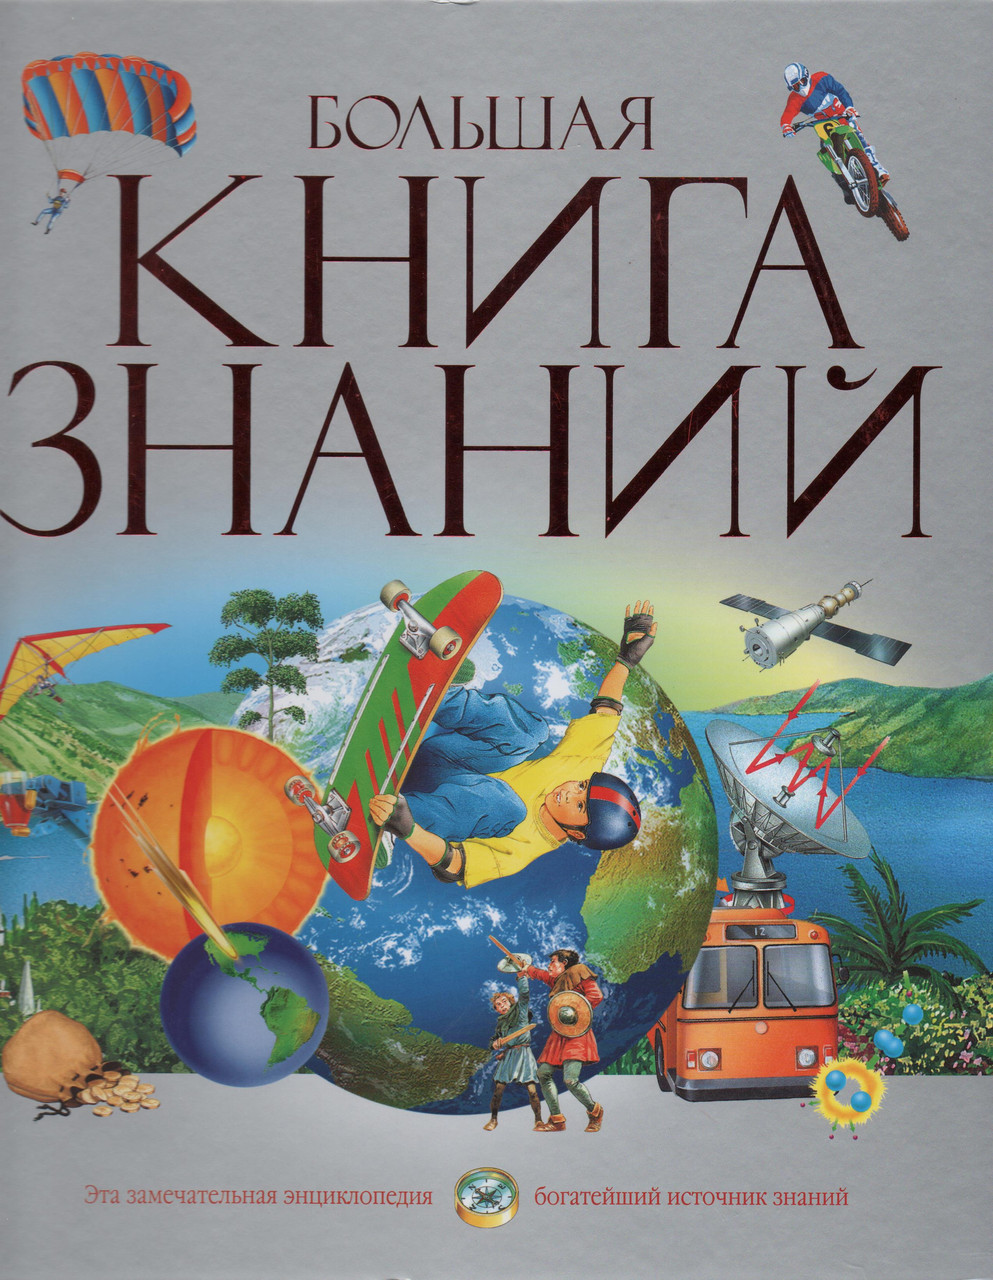 Большая книга знаний. У. Мадгуик, Р. Керрод